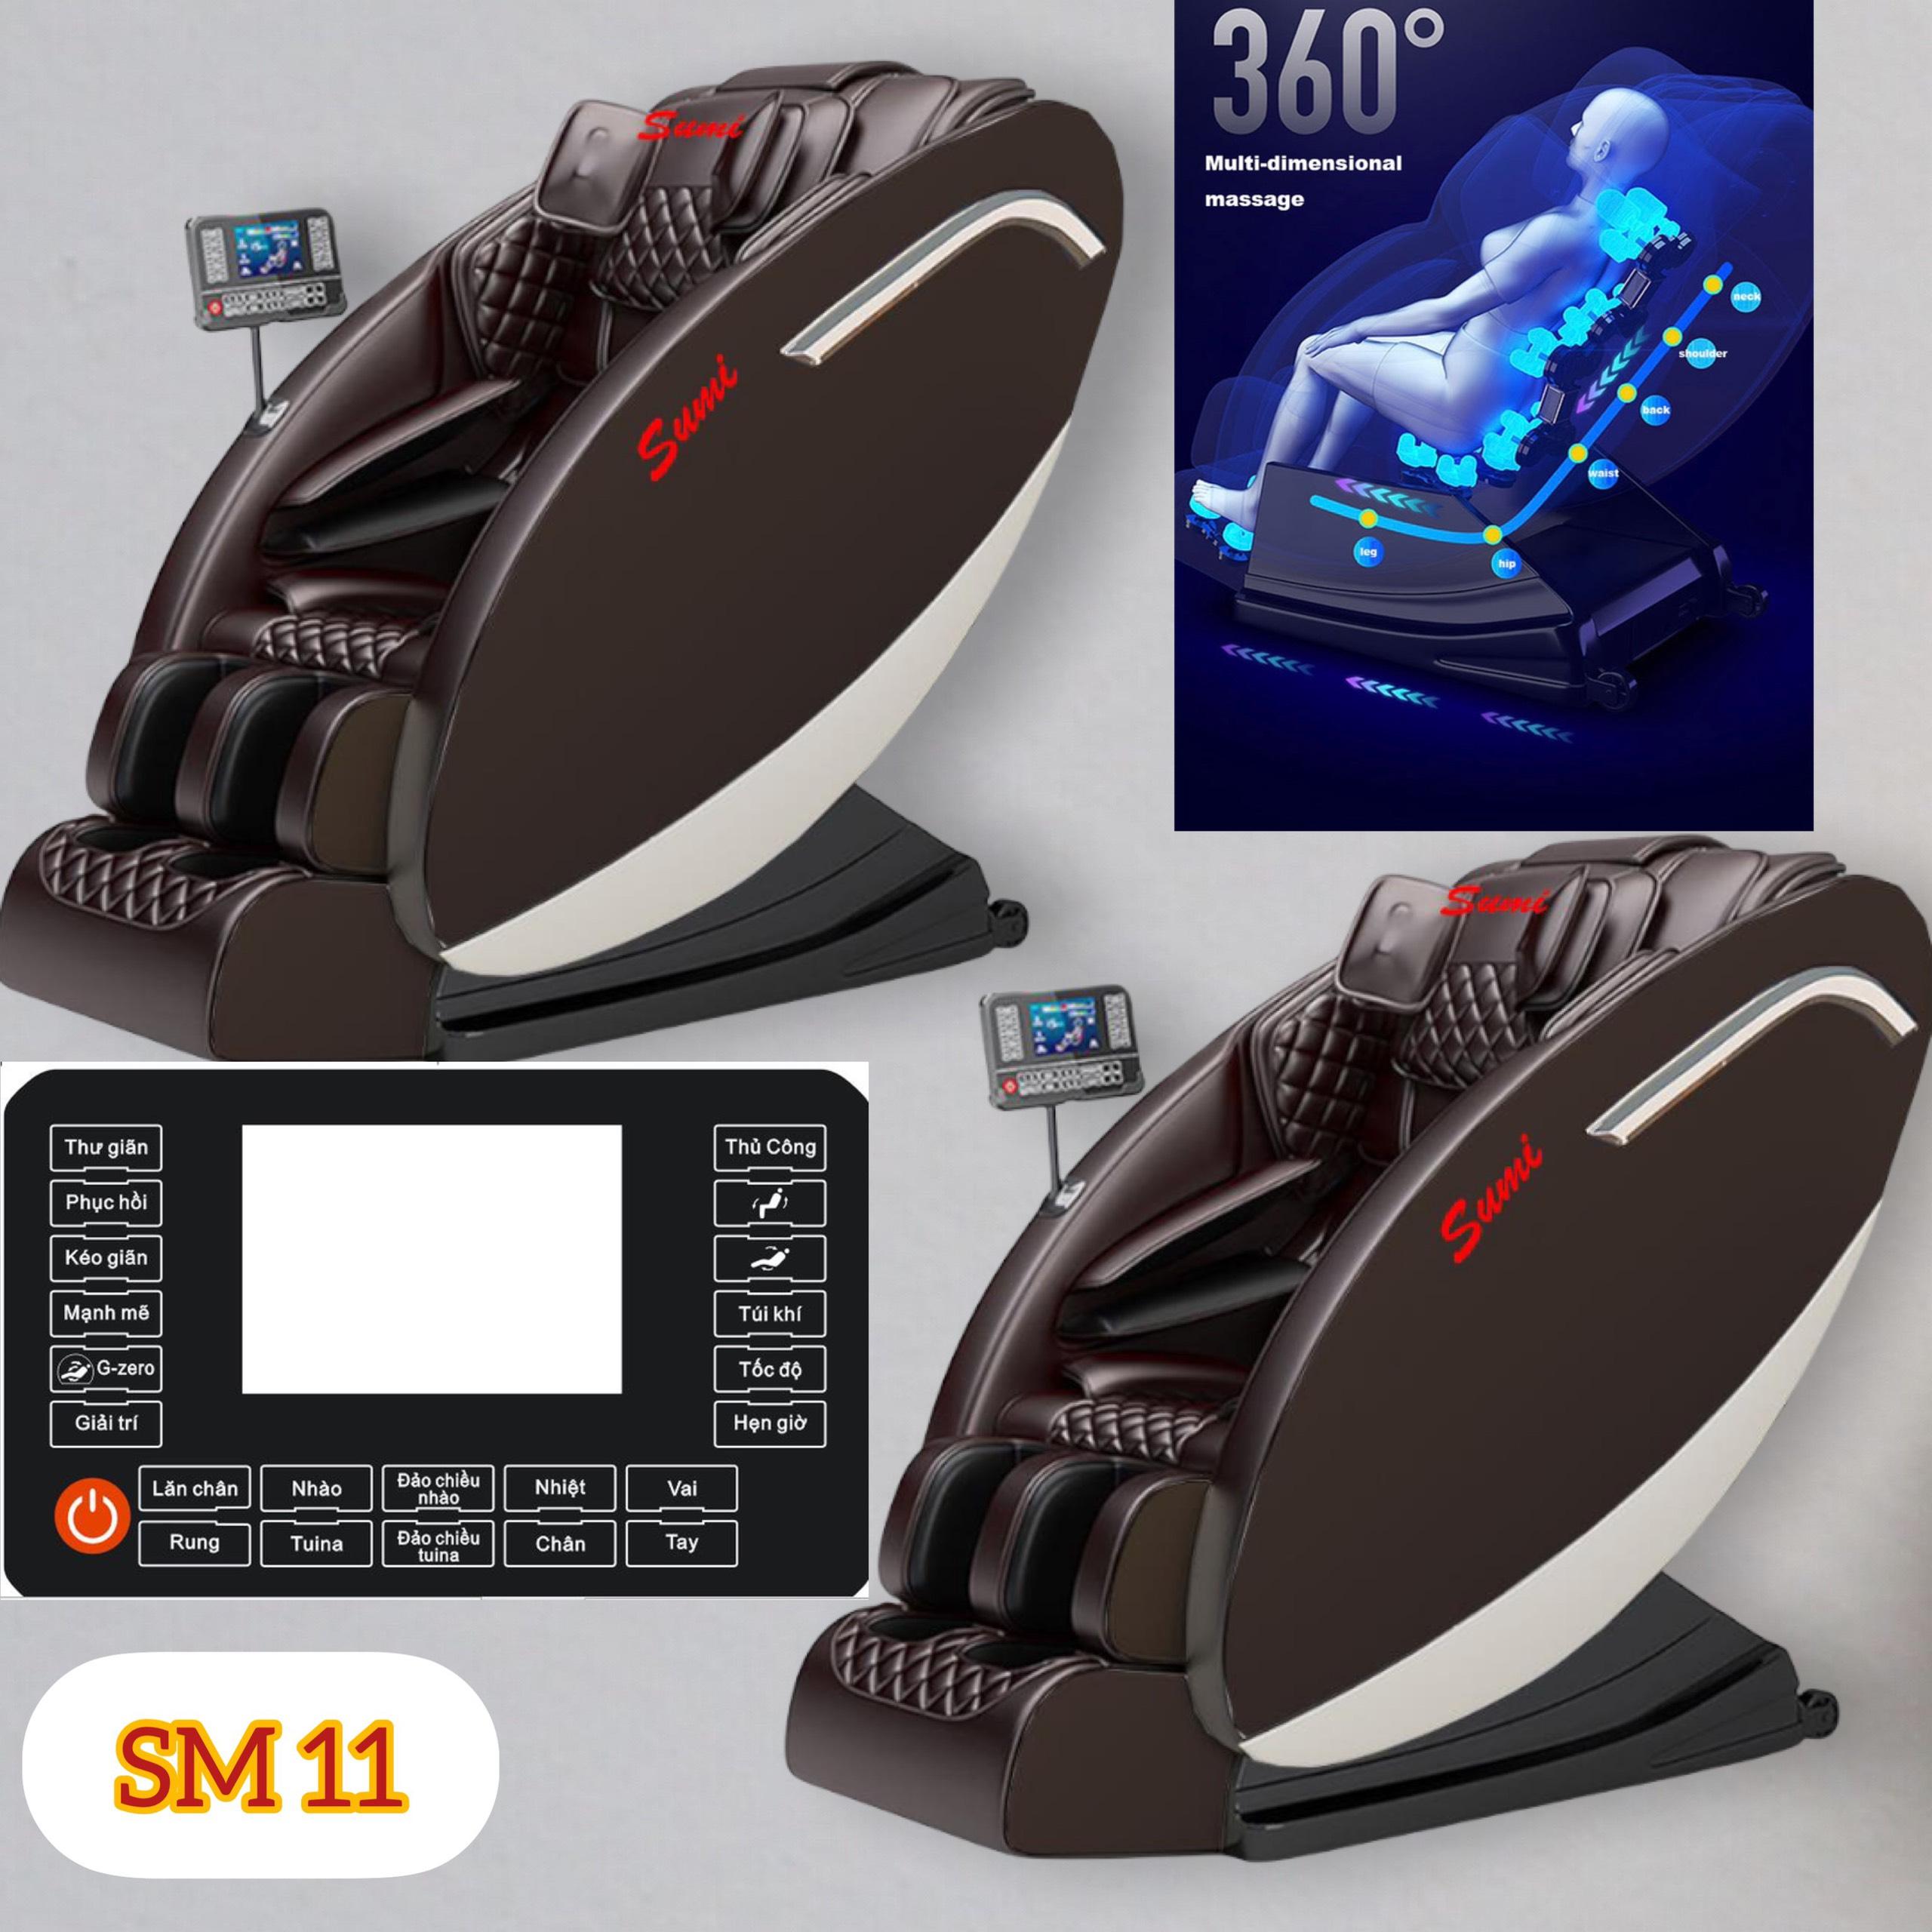 Sumi SM11